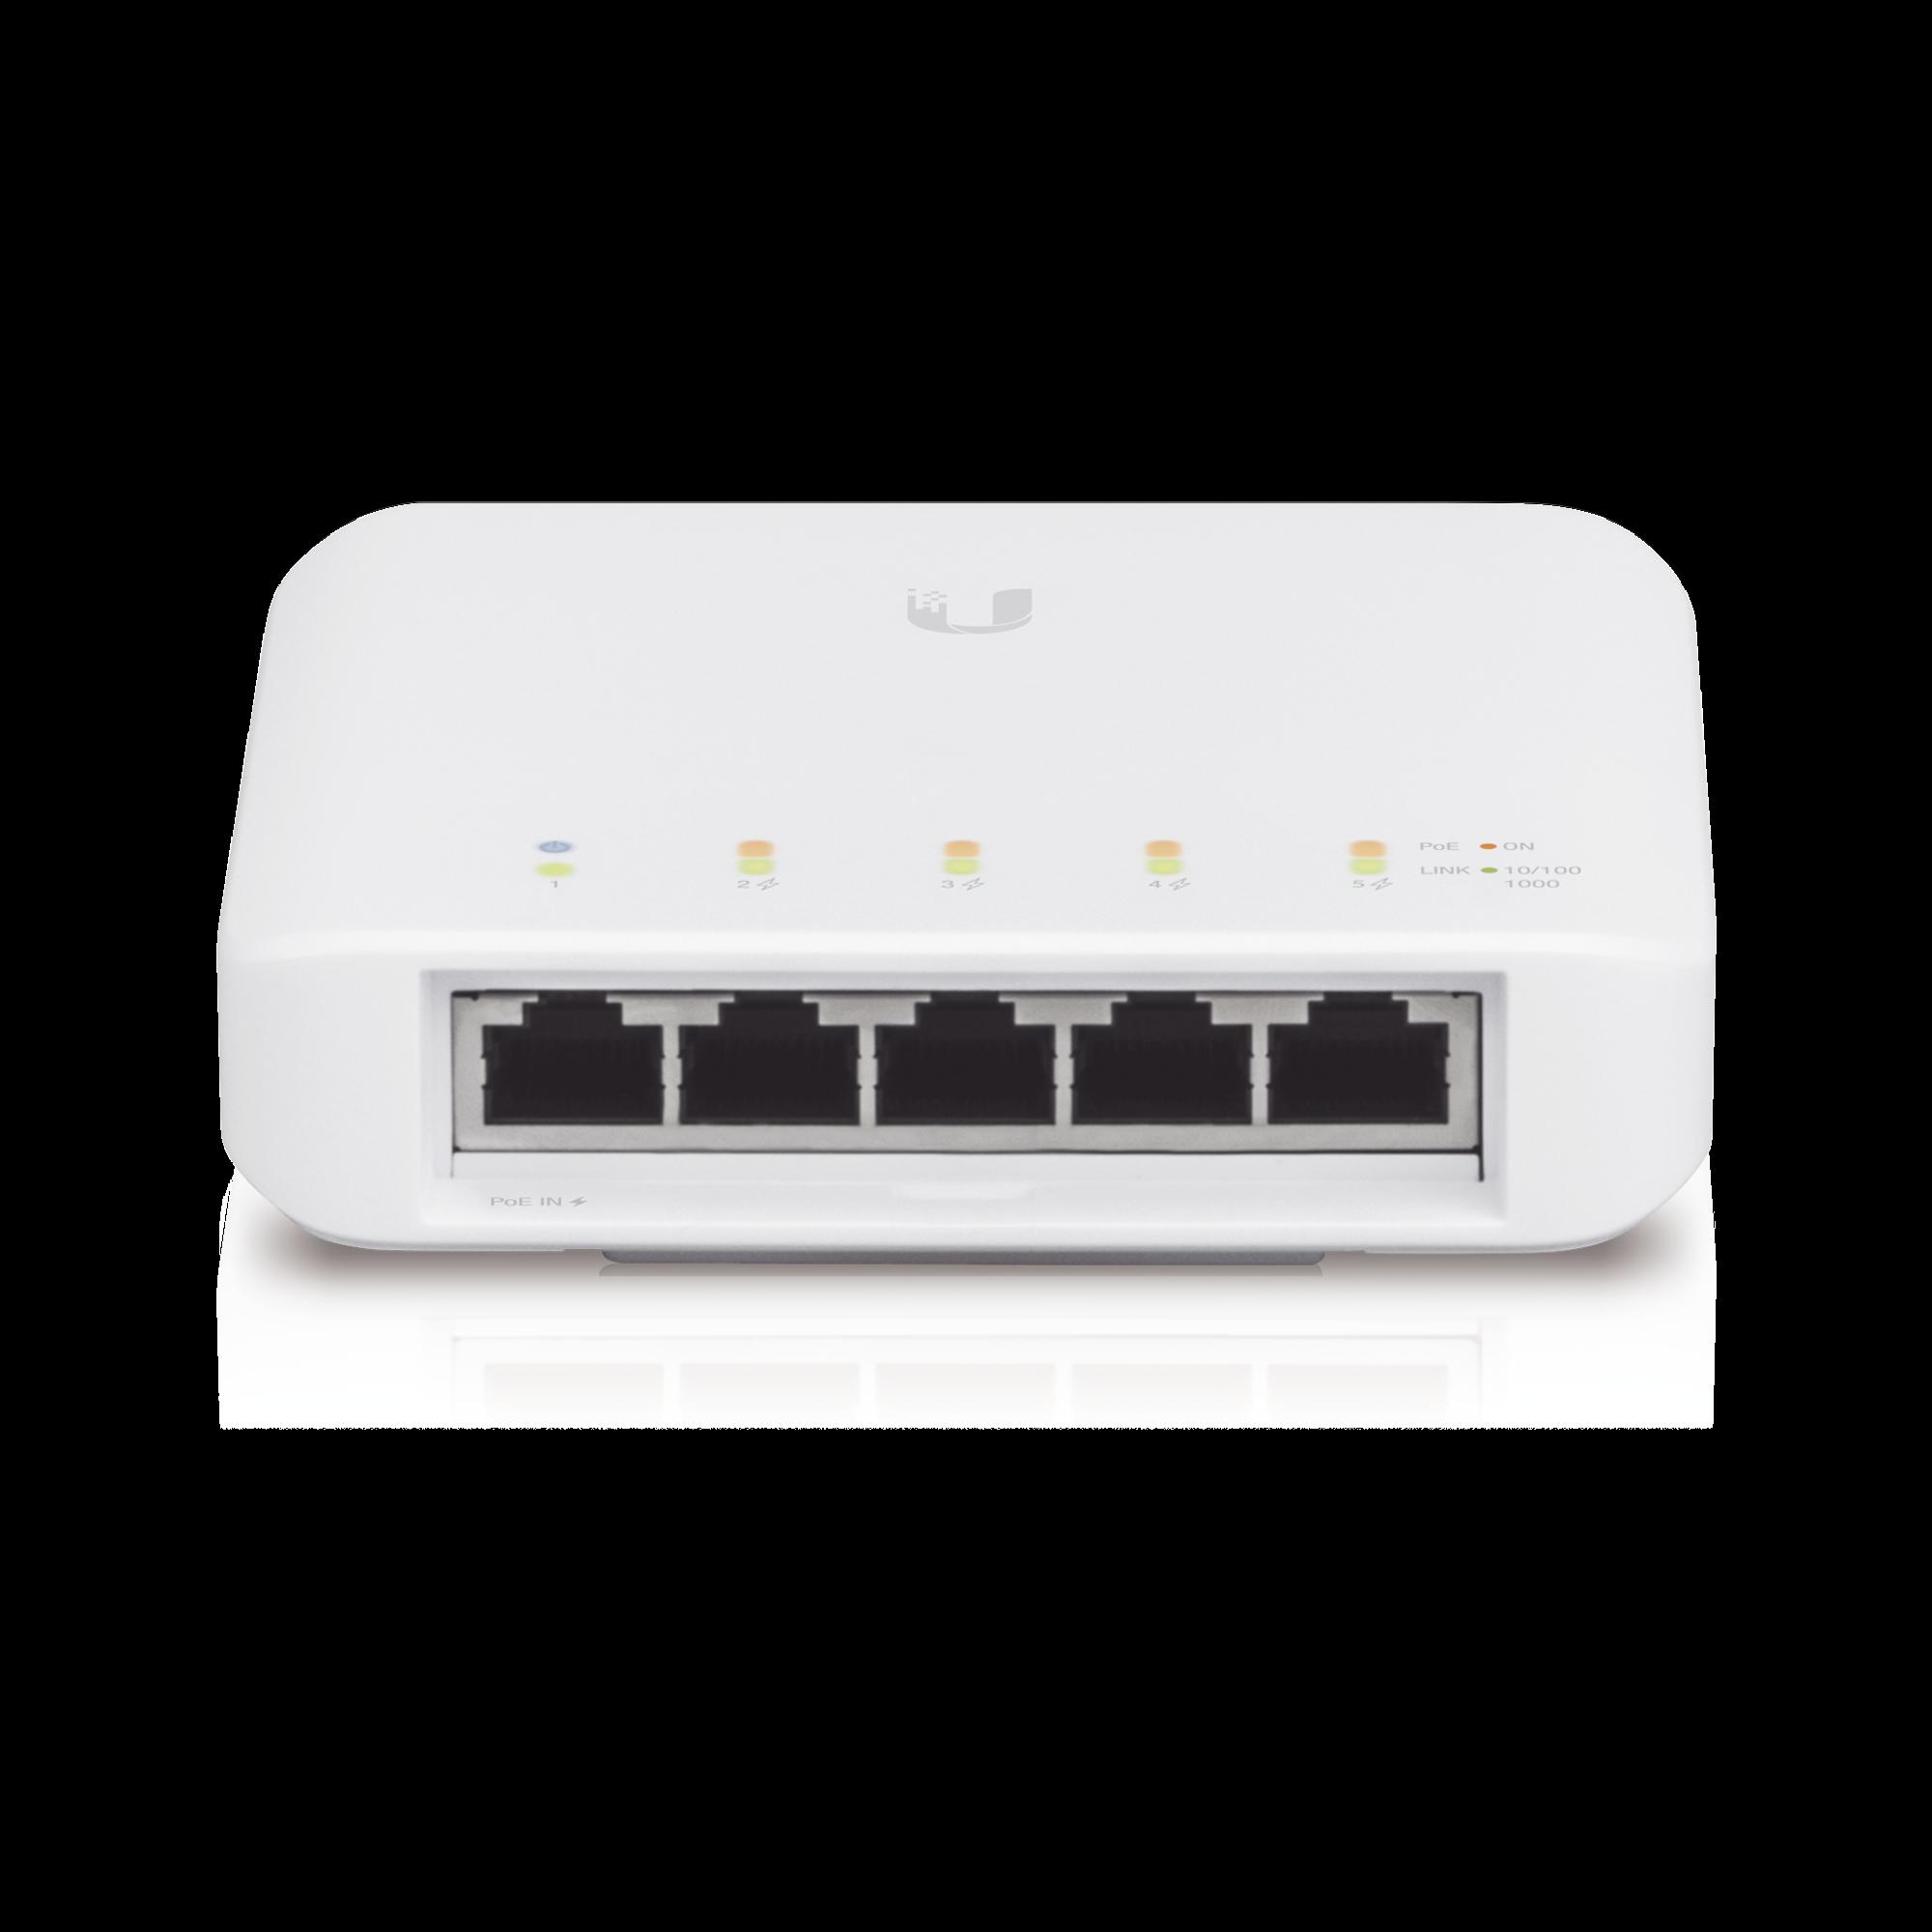 Switch UniFi FLEX para exterior IP55 de 5 puertos (1 x PoE de entrada 802.3af/at/bt y 4 PoE salida 802.3af)